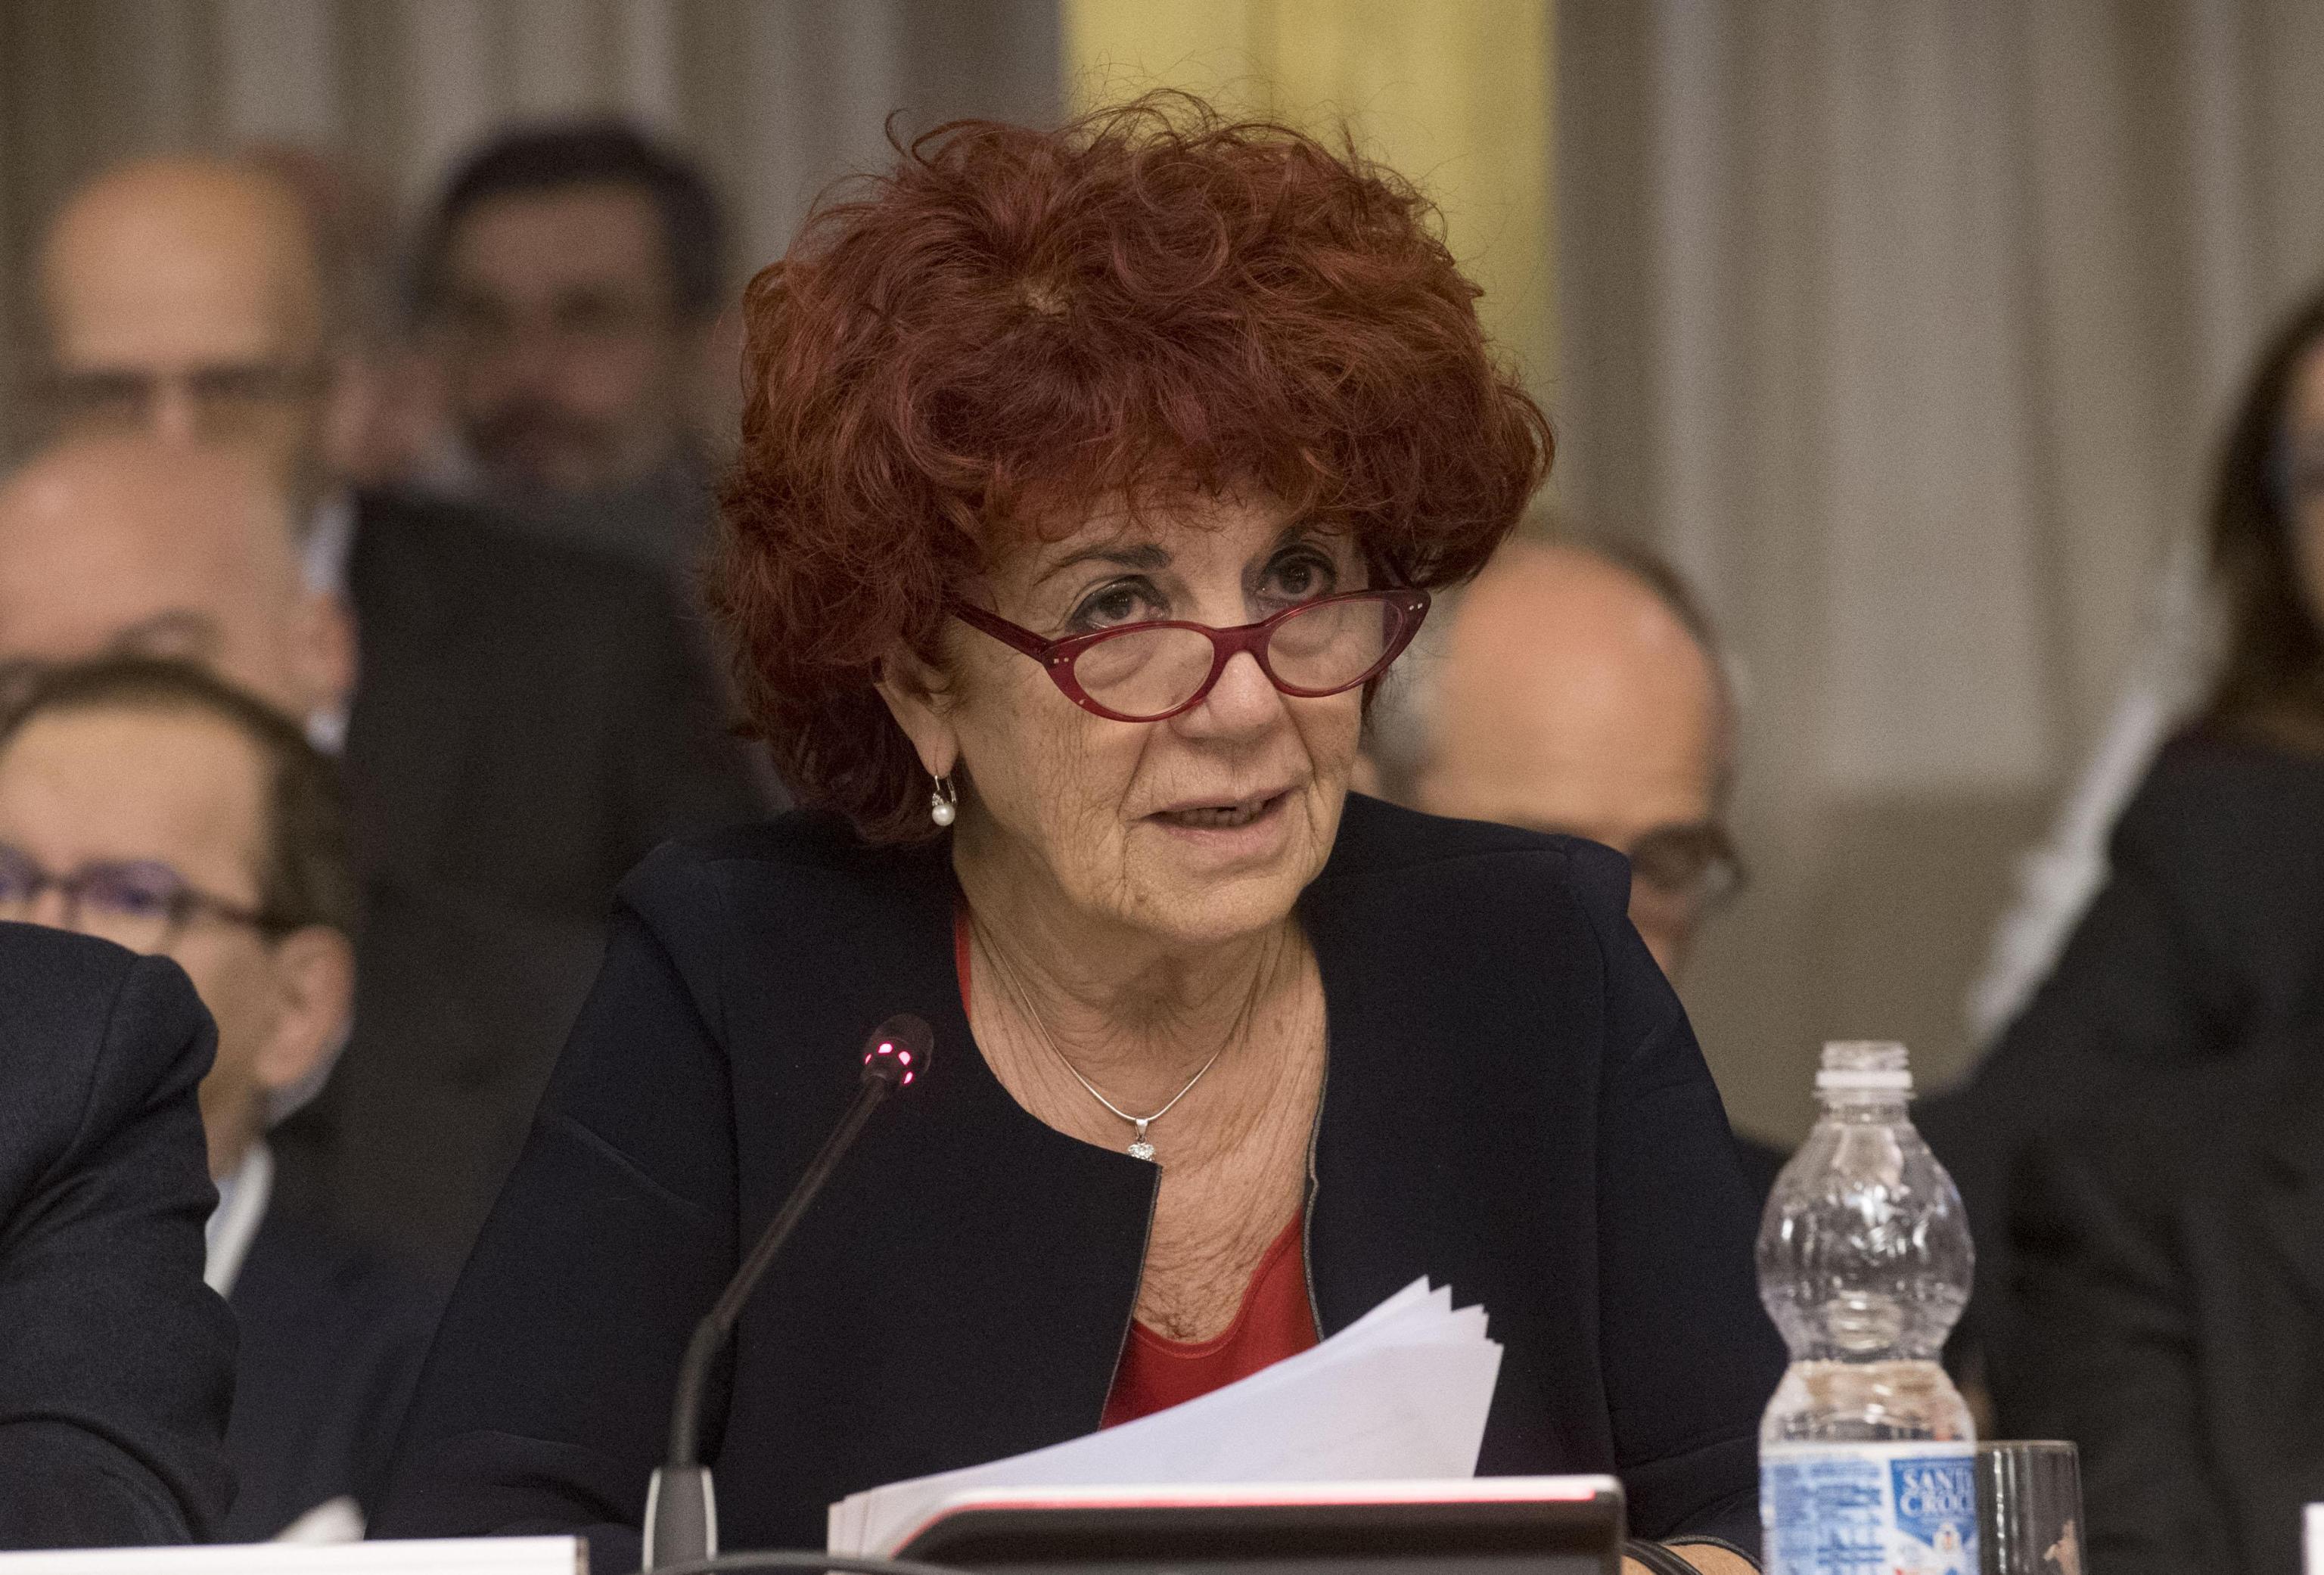 Pubblicità classiste nelle scuole, ministro Fedeli: 'Inaccettabili'